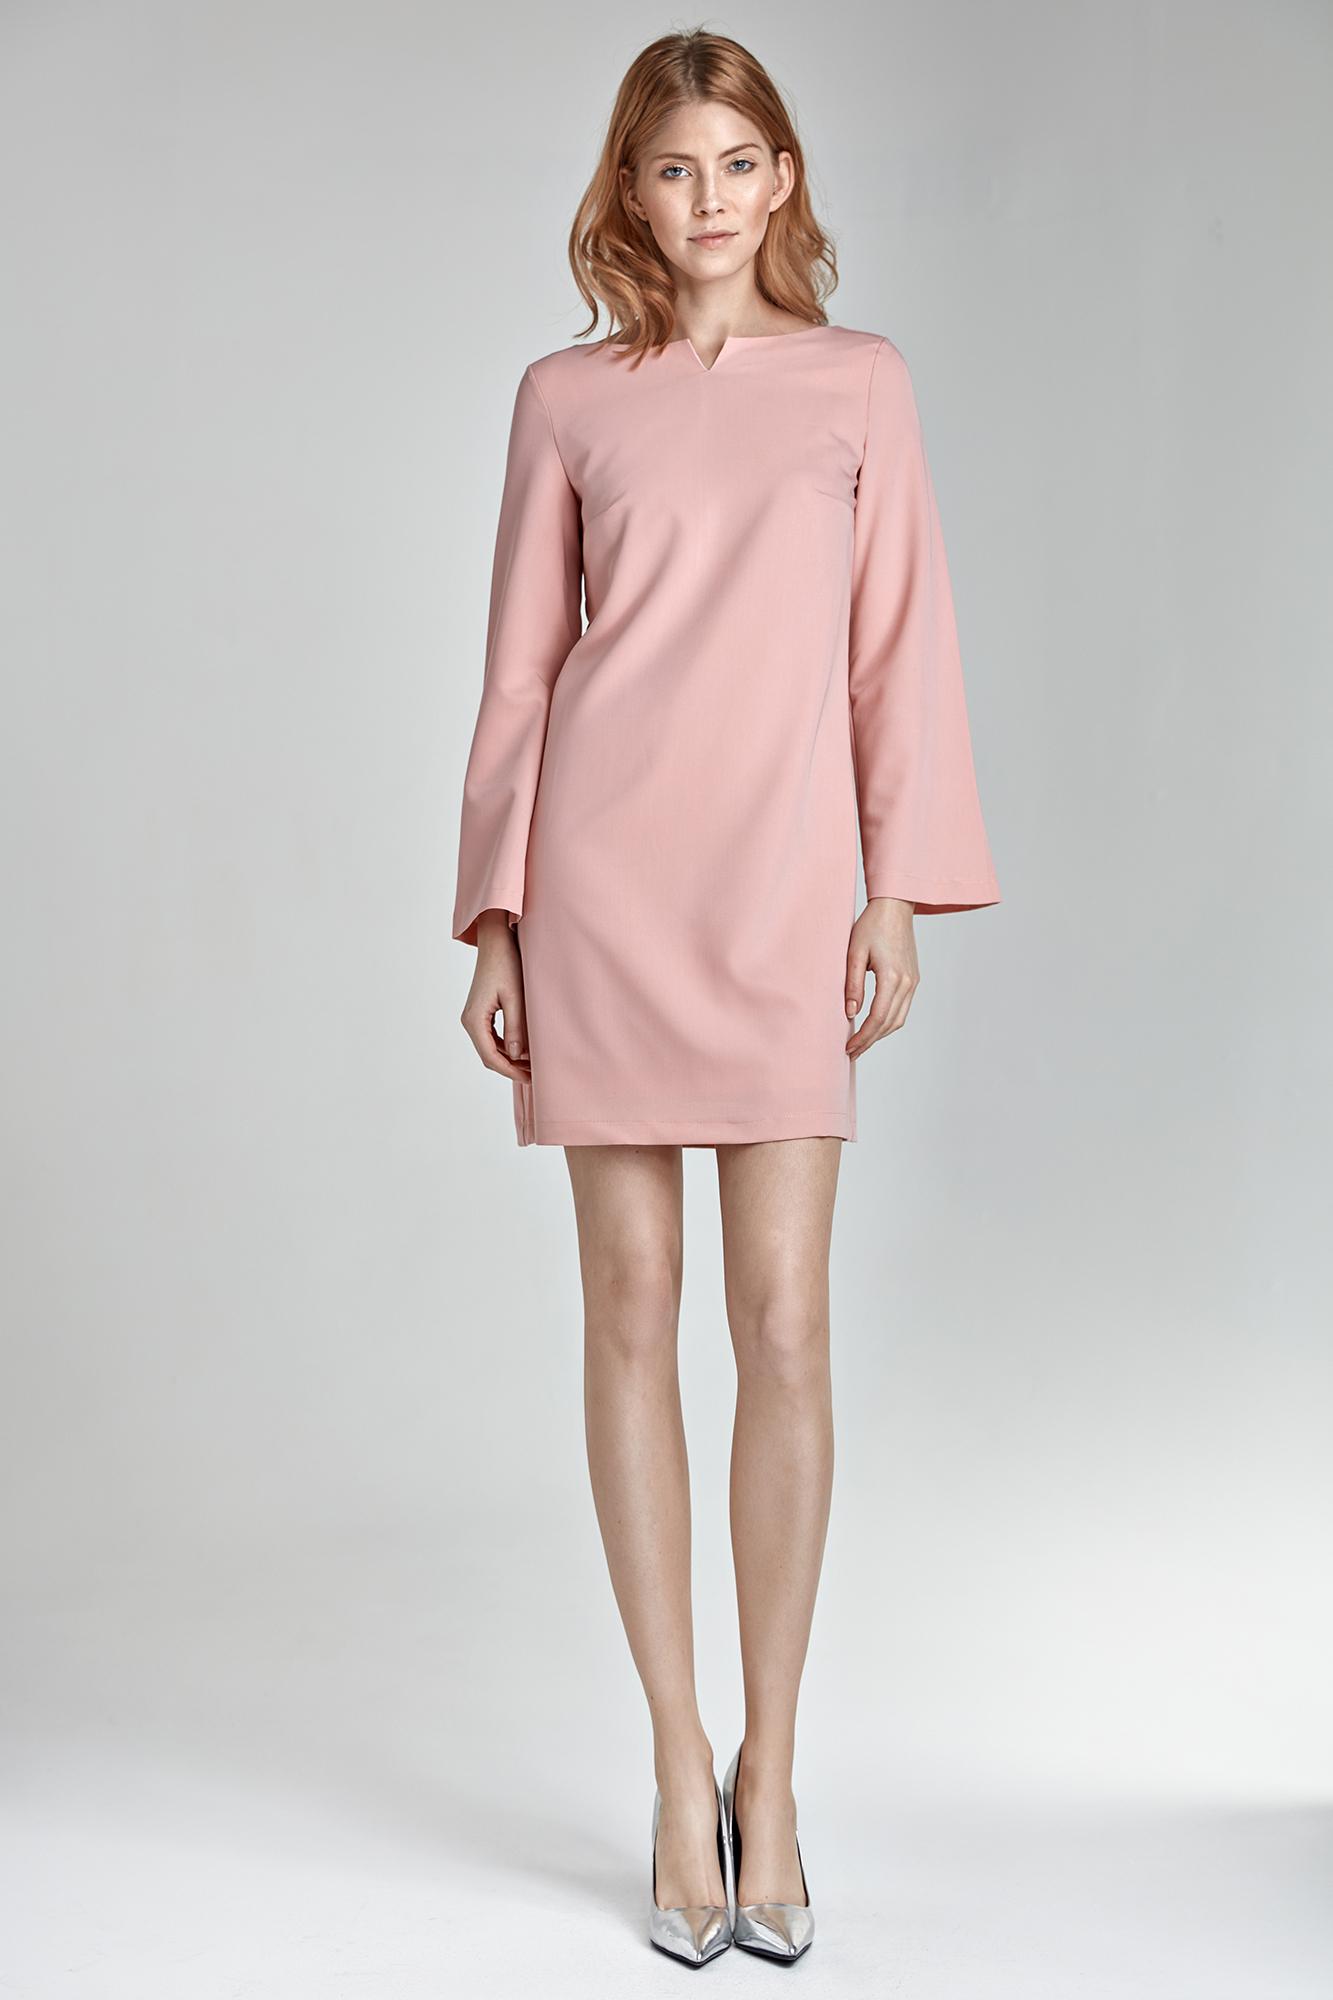 Платья Платье S35 розовое c1a61e5a7be7695cc716bbd7ca351a9d.jpg